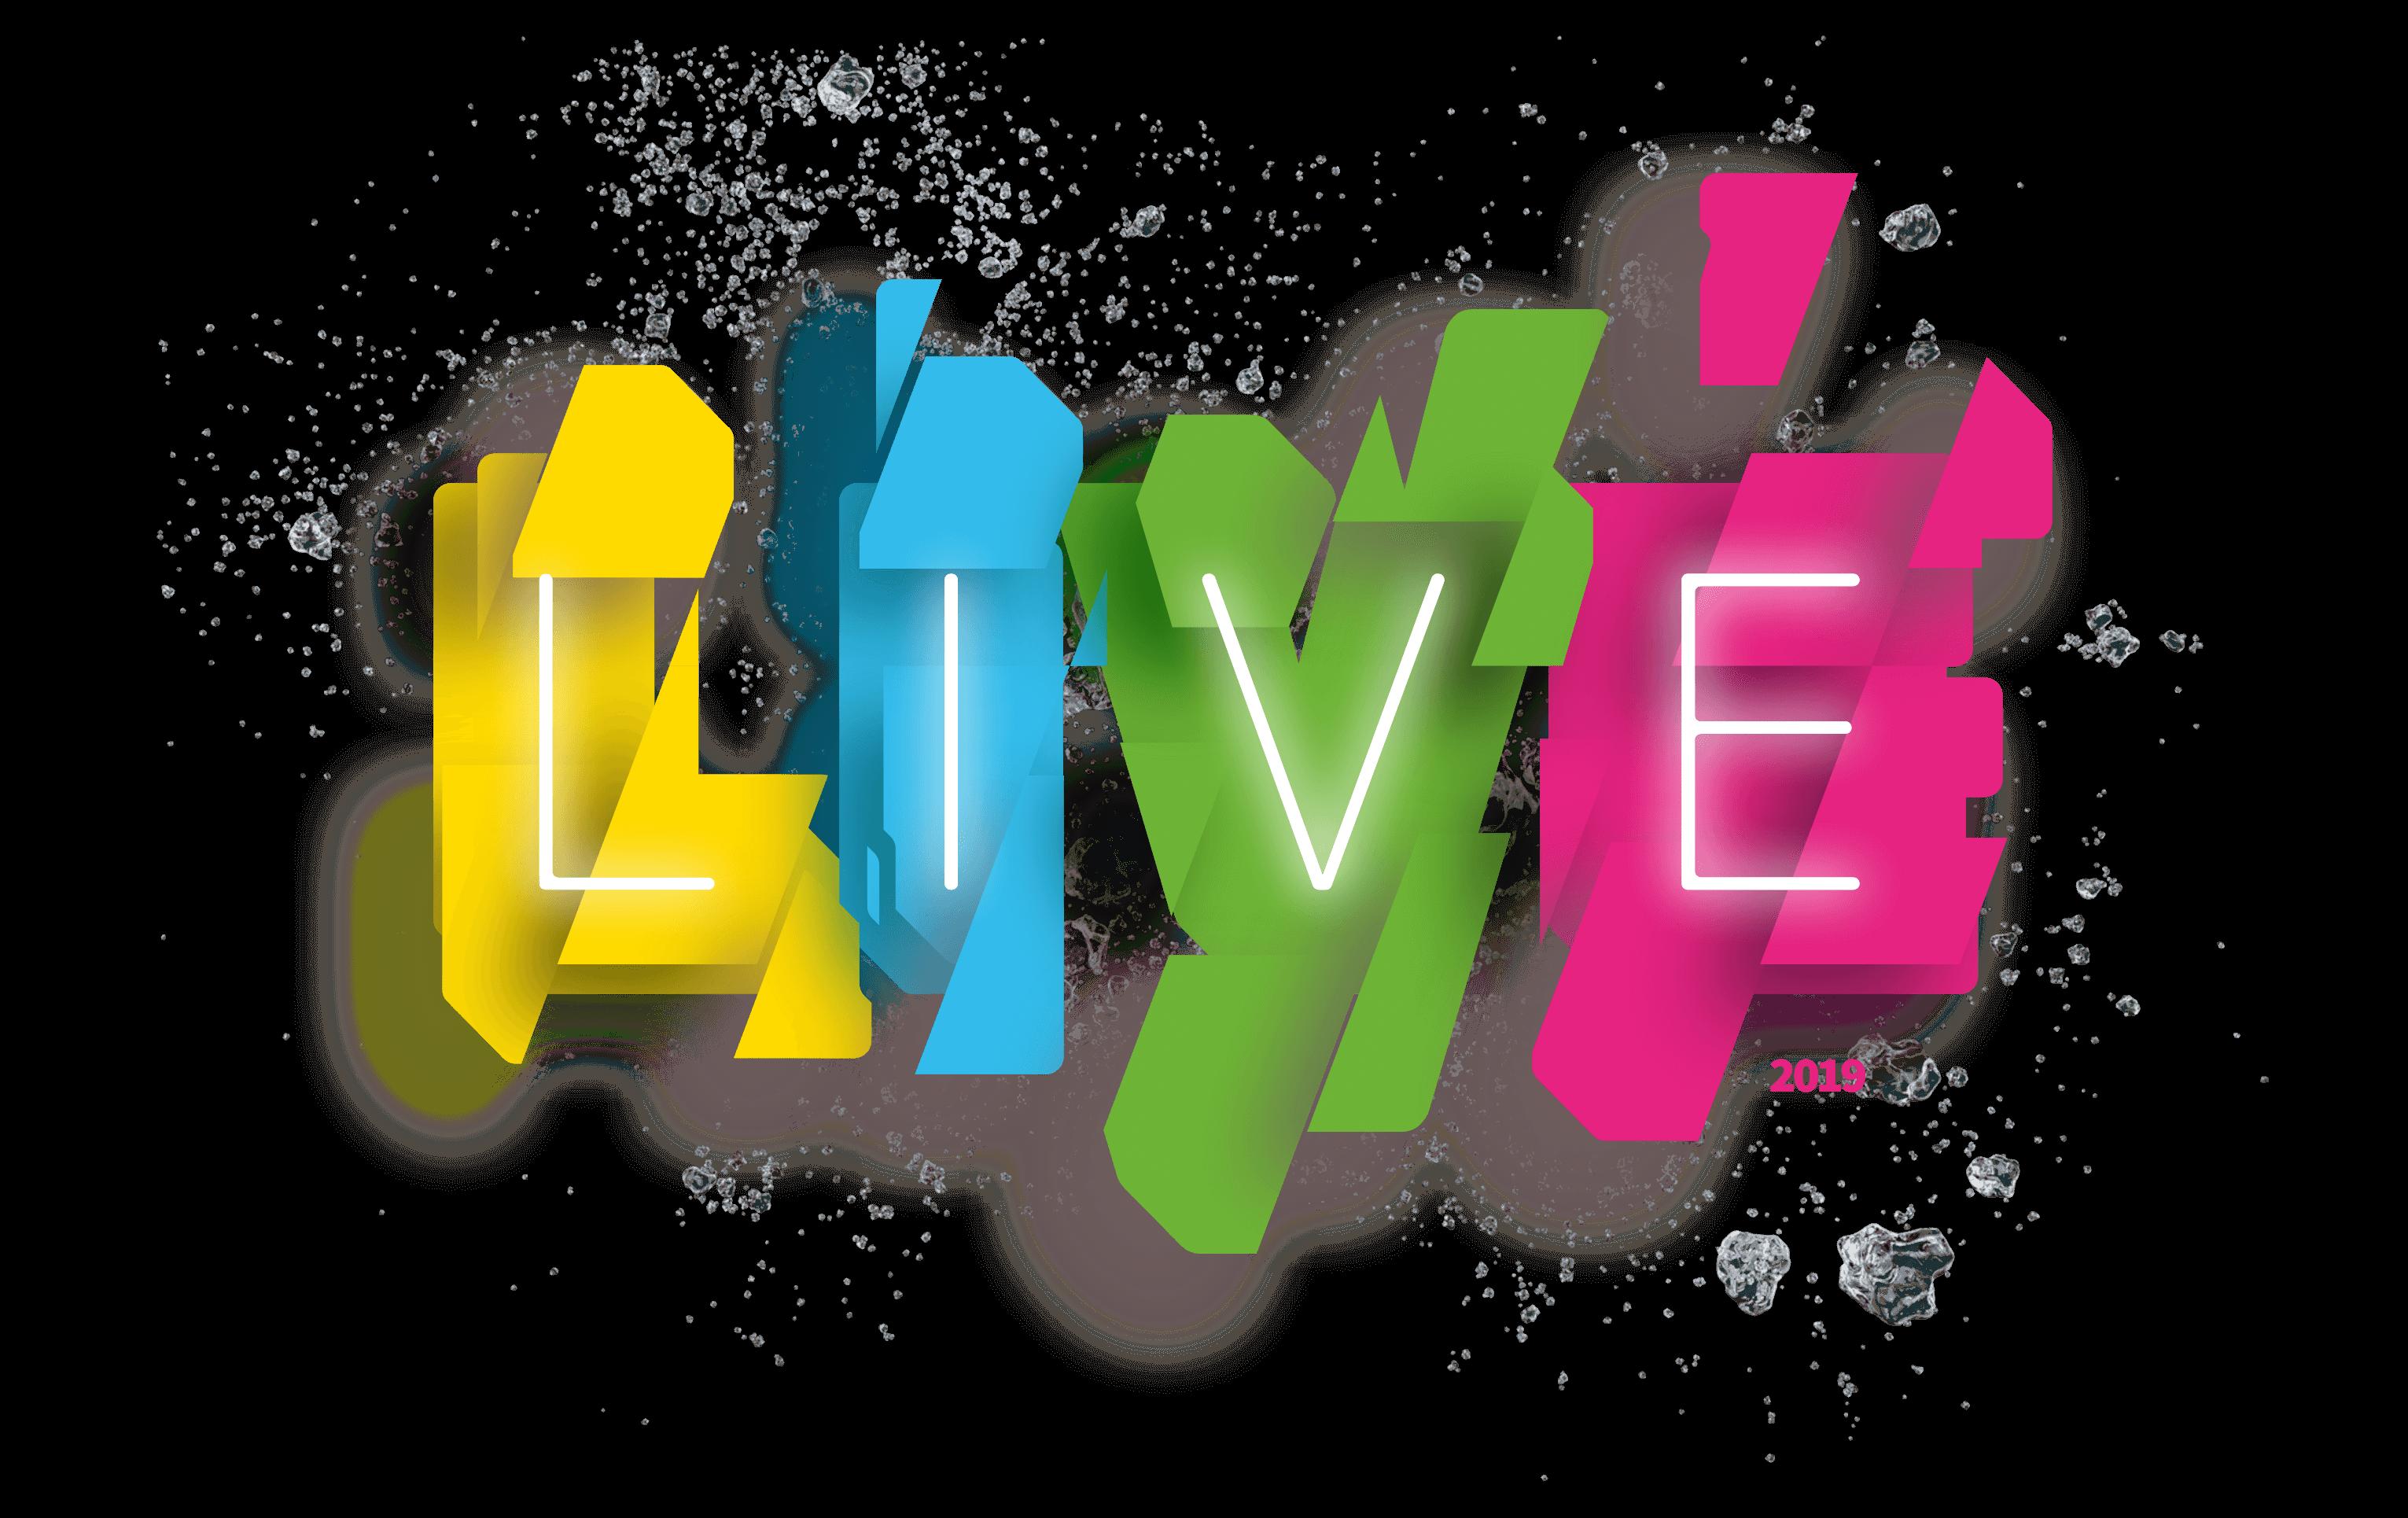 iWeb Live 2019